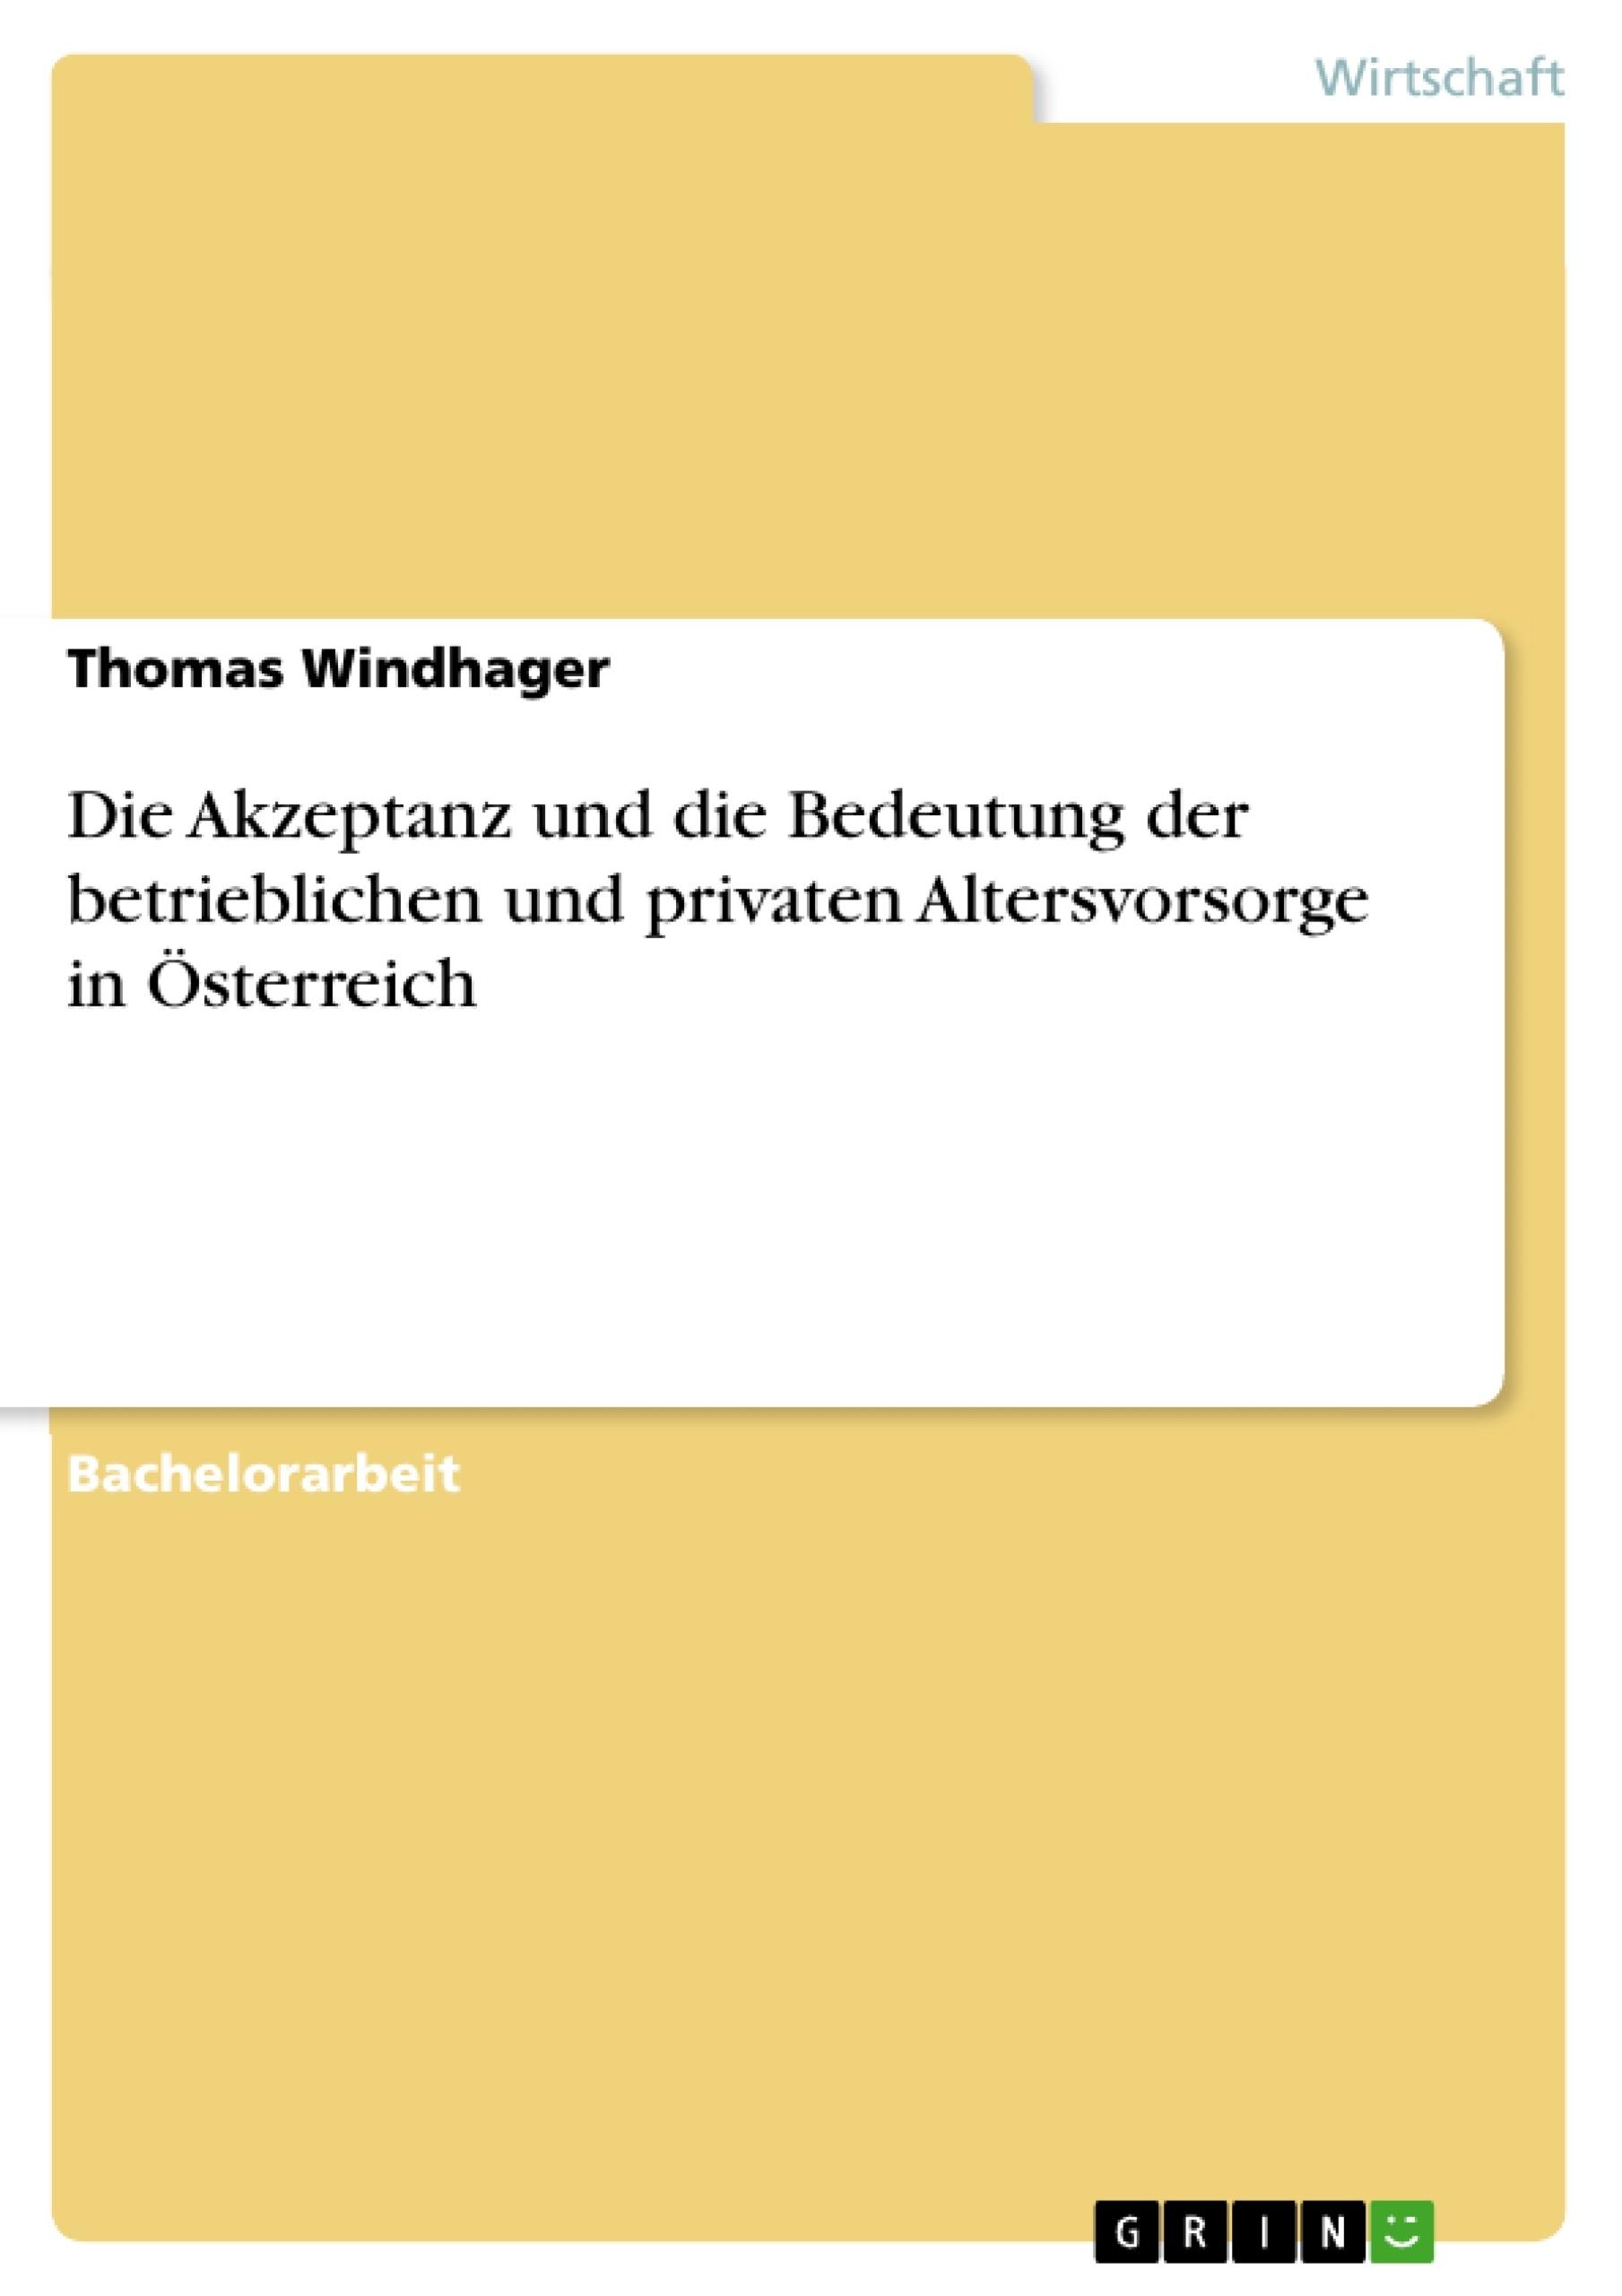 Titel: Die Akzeptanz und die Bedeutung der betrieblichen und privaten Altersvorsorge in Österreich